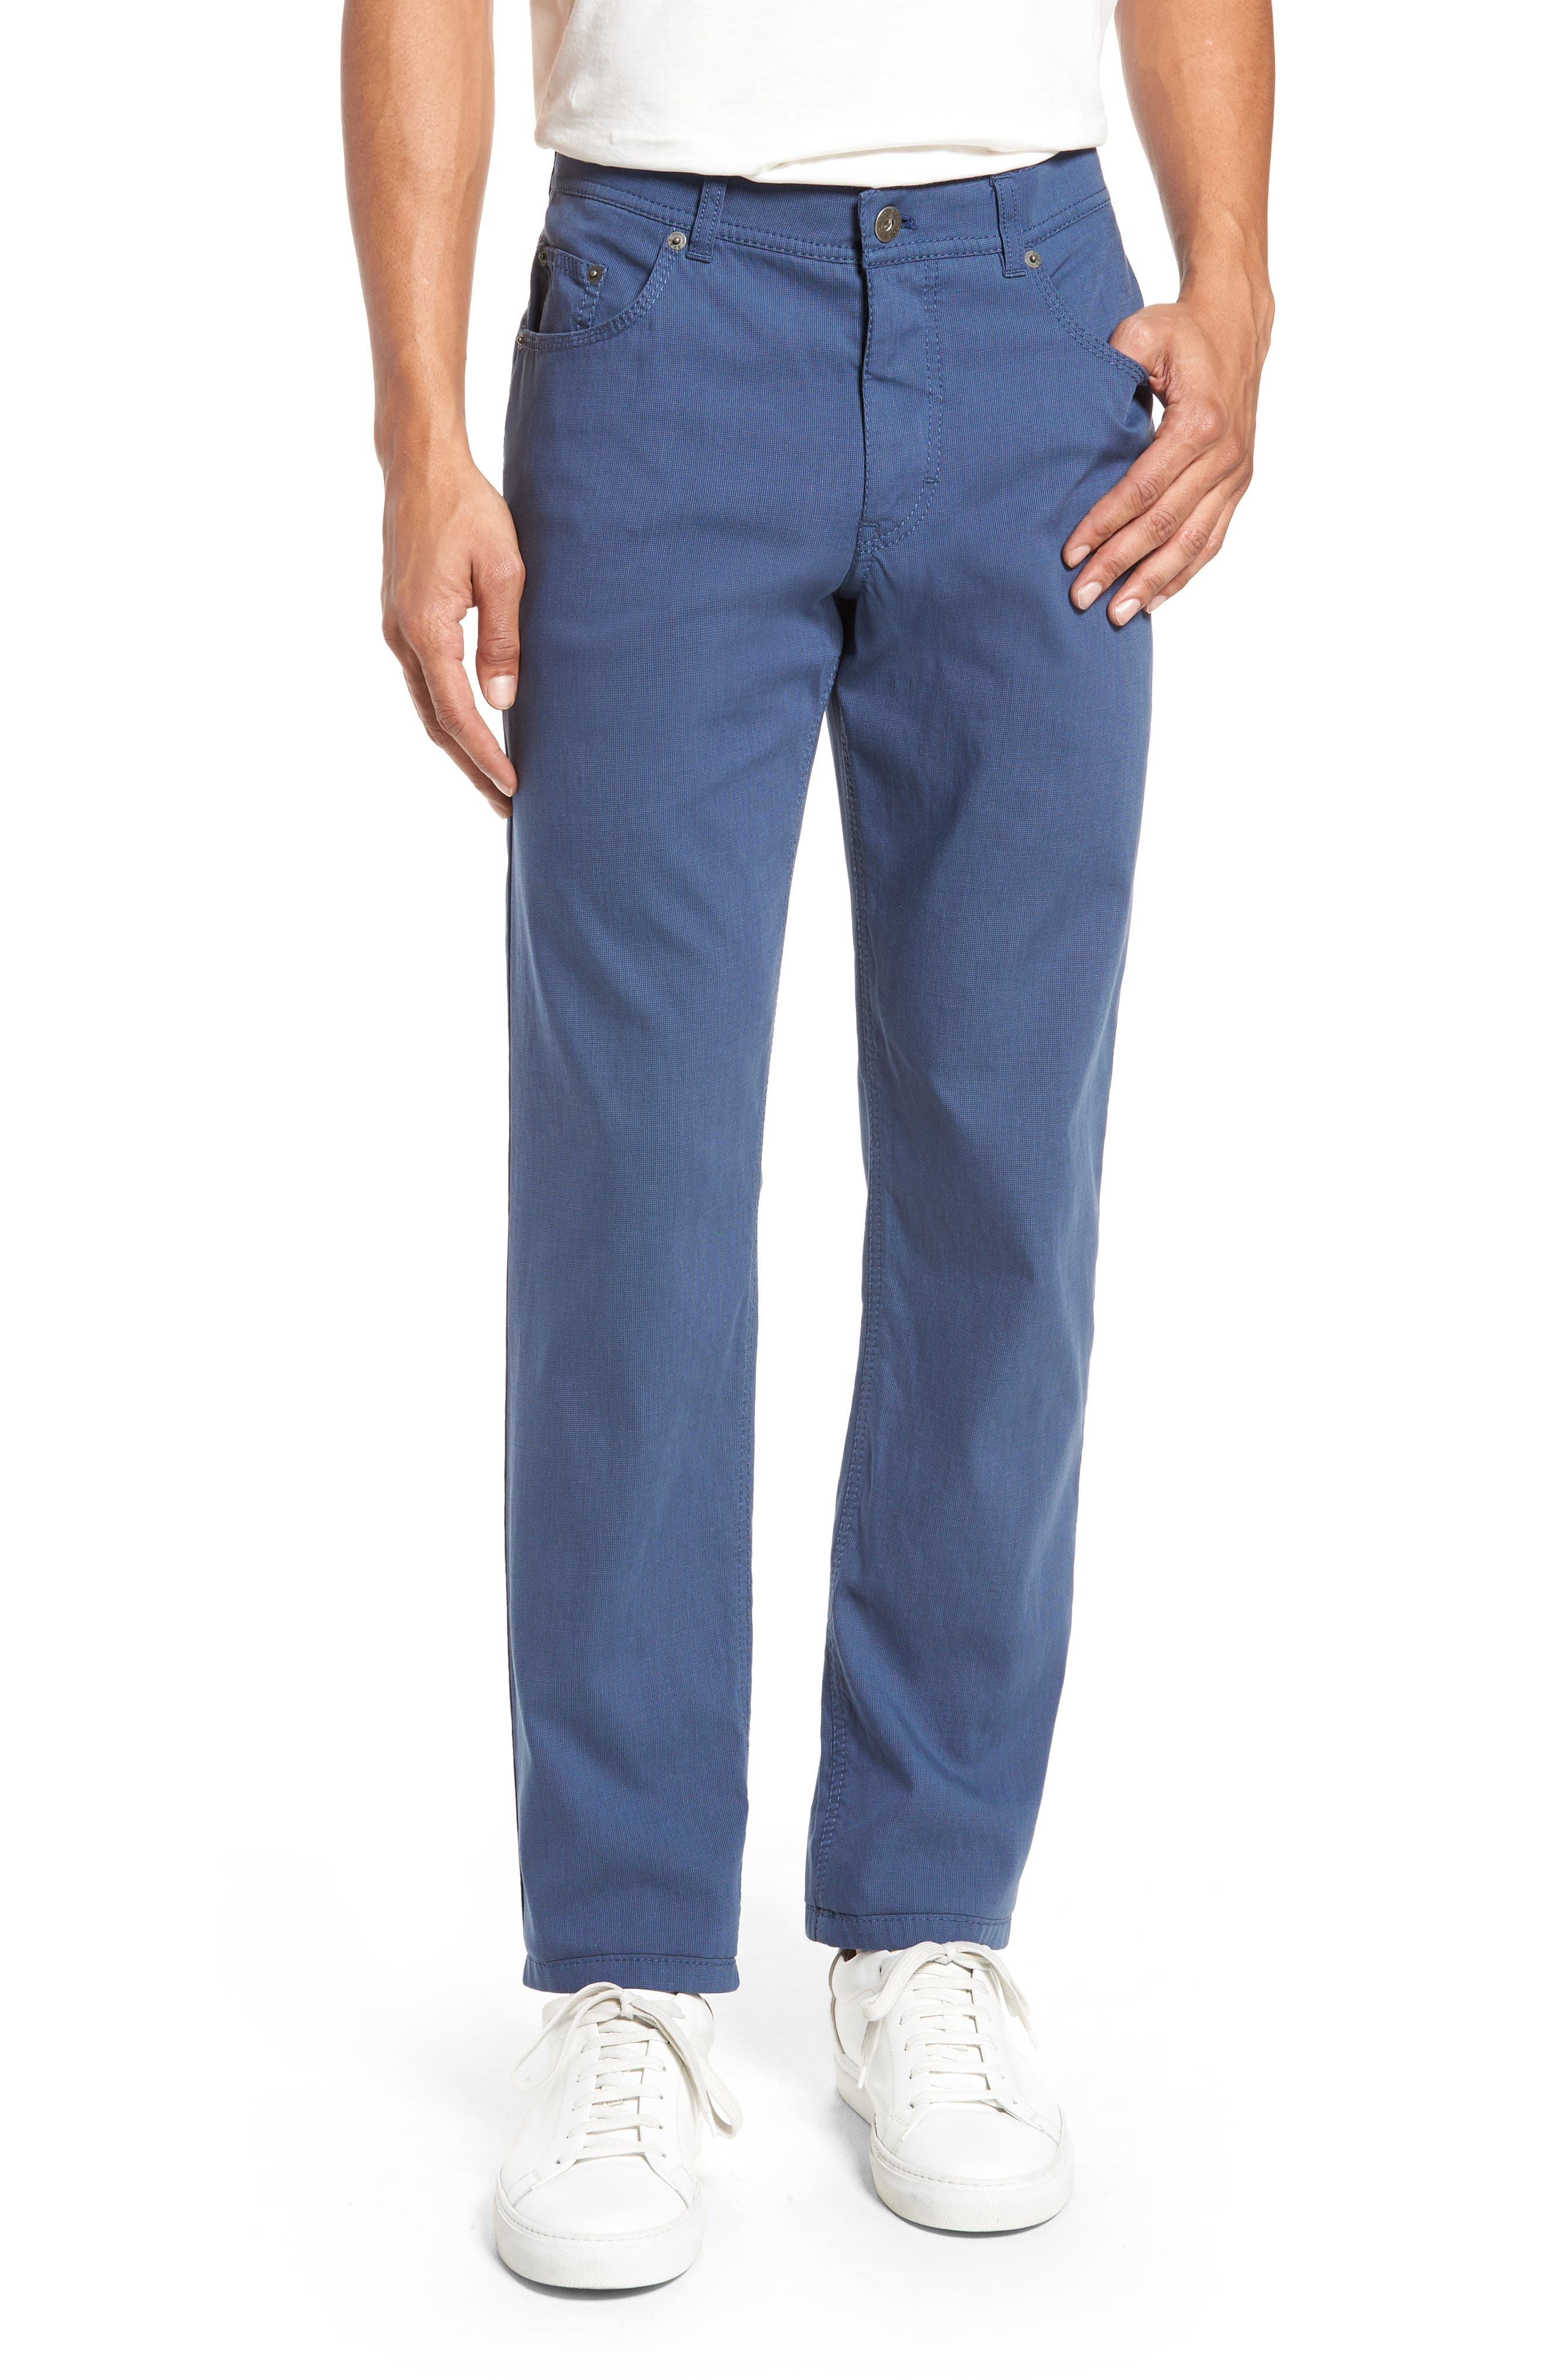 Sensation Stretch Trousers,                         Main,                         color, BLUE